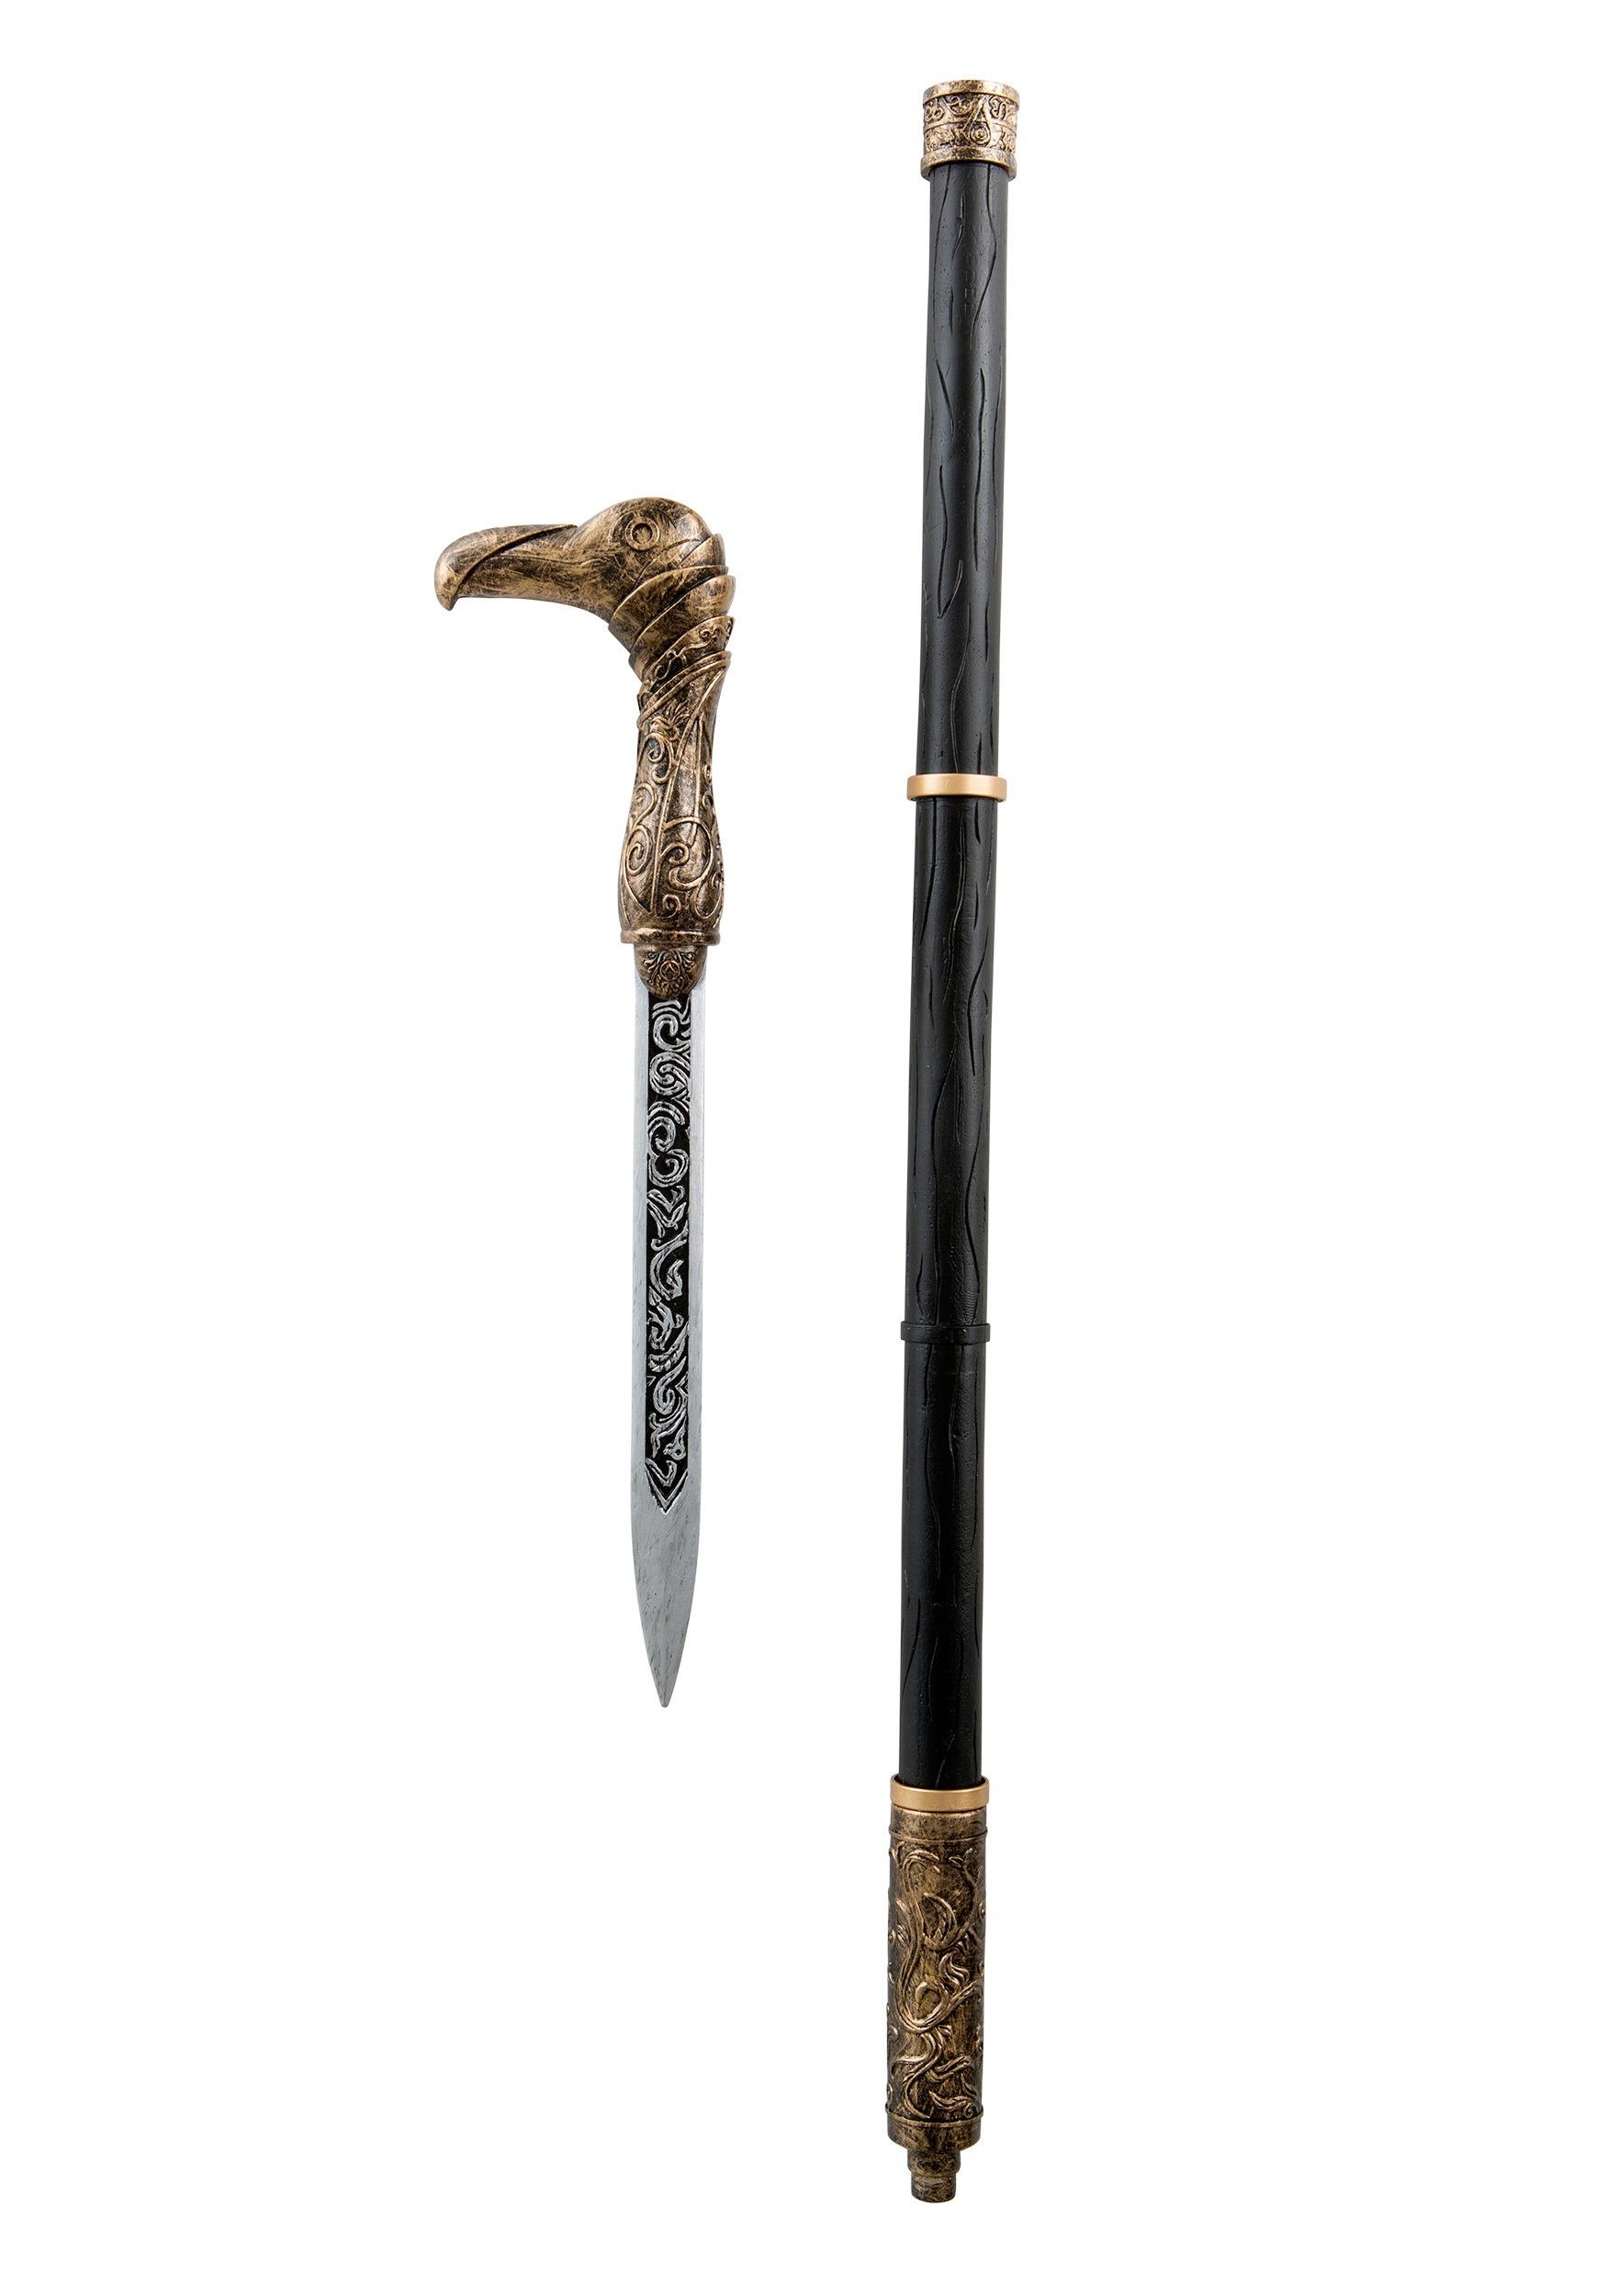 assassins creed jacob hidden knife cane